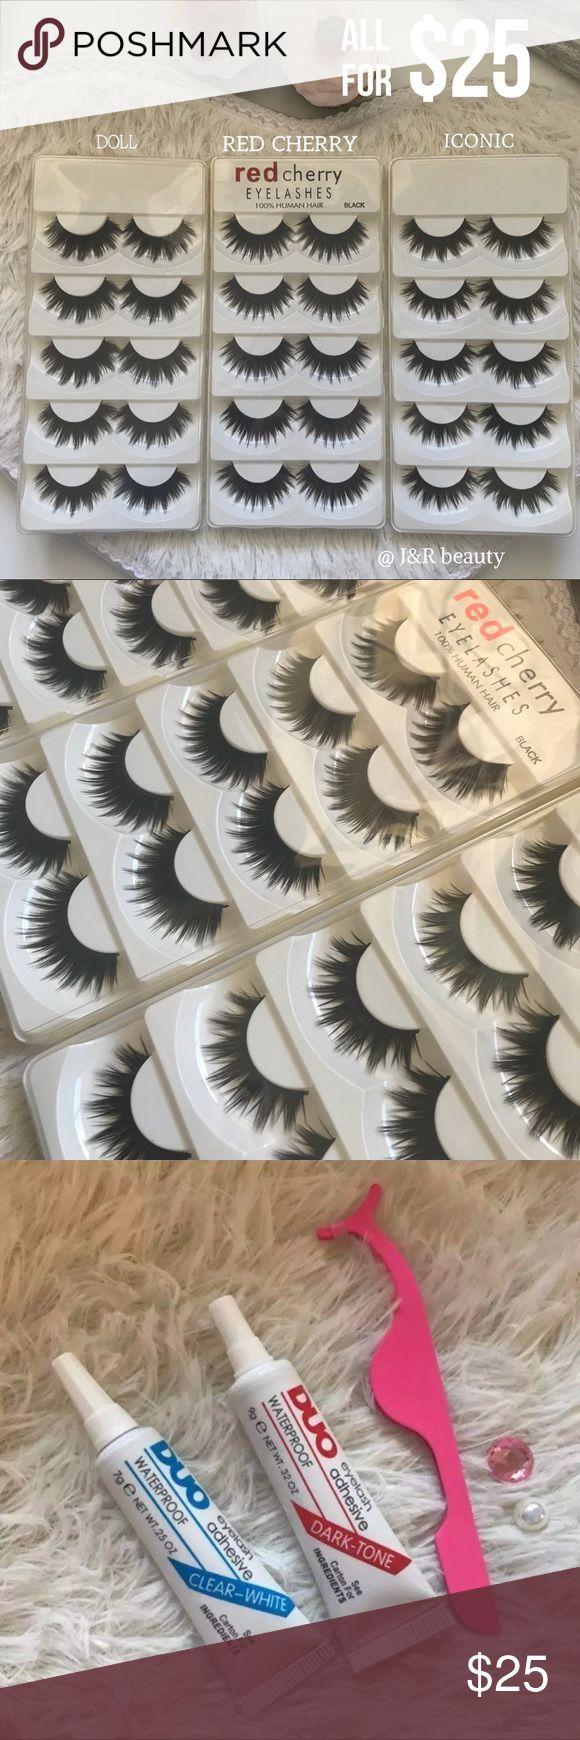 15 Pairs of Eyelashes # tags Iconic, mink, red cherry eyelashes, house of lashes, doll, kawaii, case, full, natural,  Koko, Ardell, wispies, Demi , makeup, mascara, eyelash applicator, tweezer, mink lashes Makeup False Eyelashes